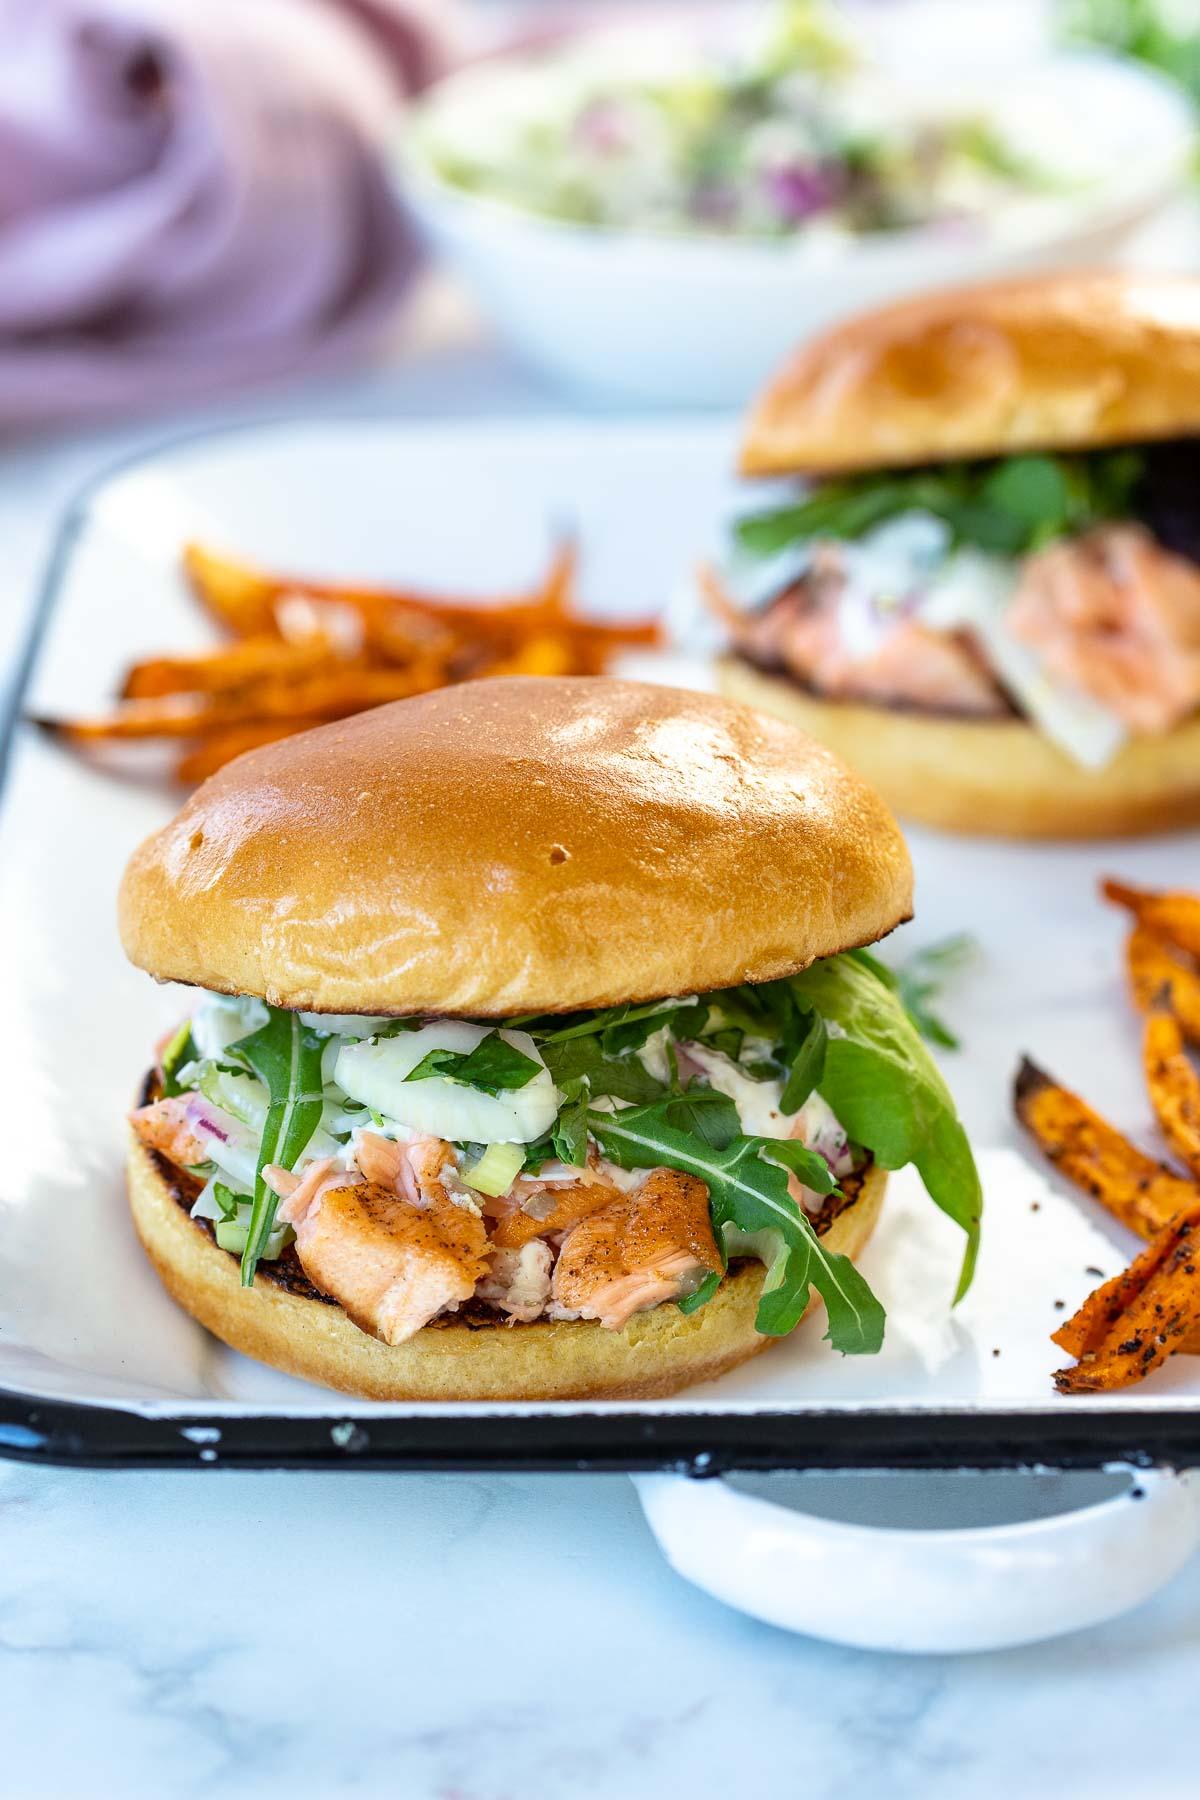 Pulled Salmon Burger with Caper-Lemon-Yoghurt Sauce | Elle Republic